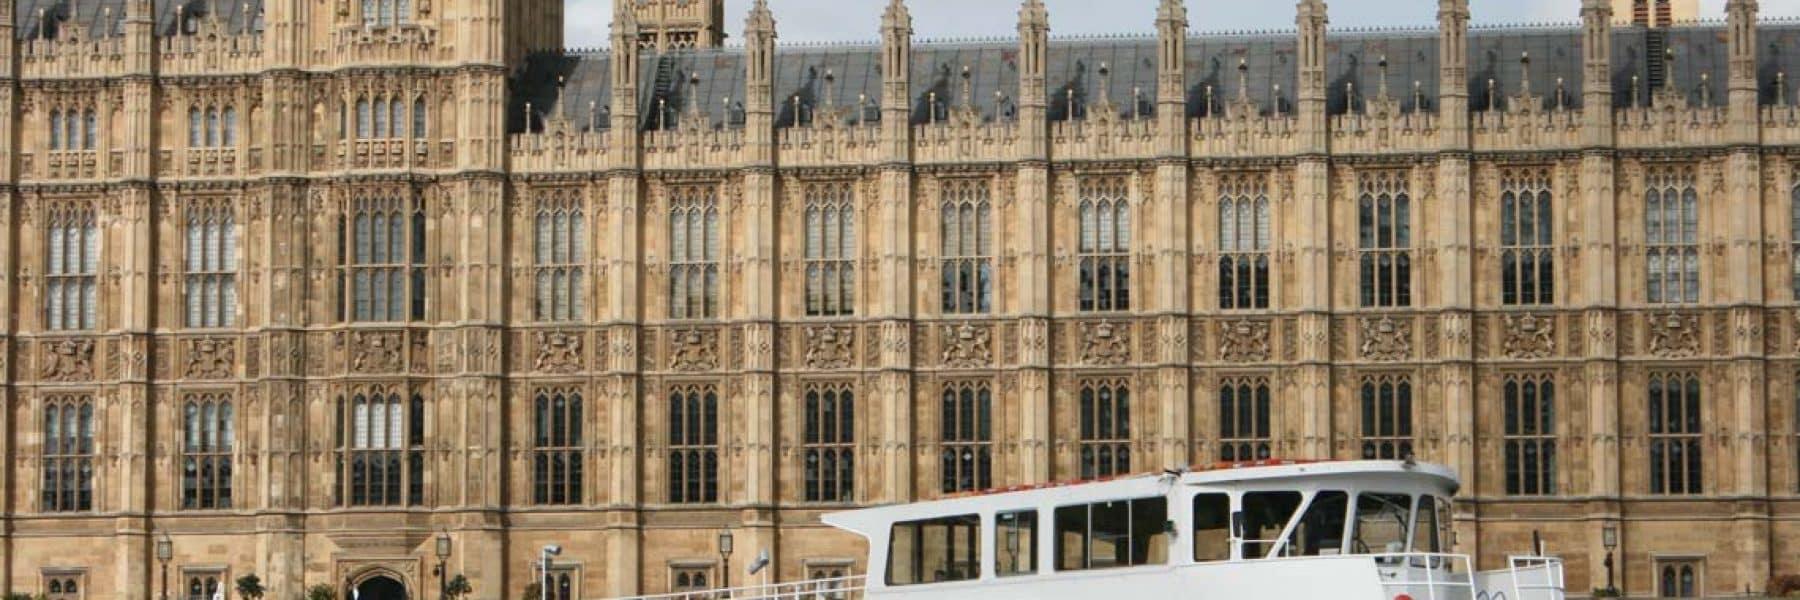 M.V London Rose at Westminster